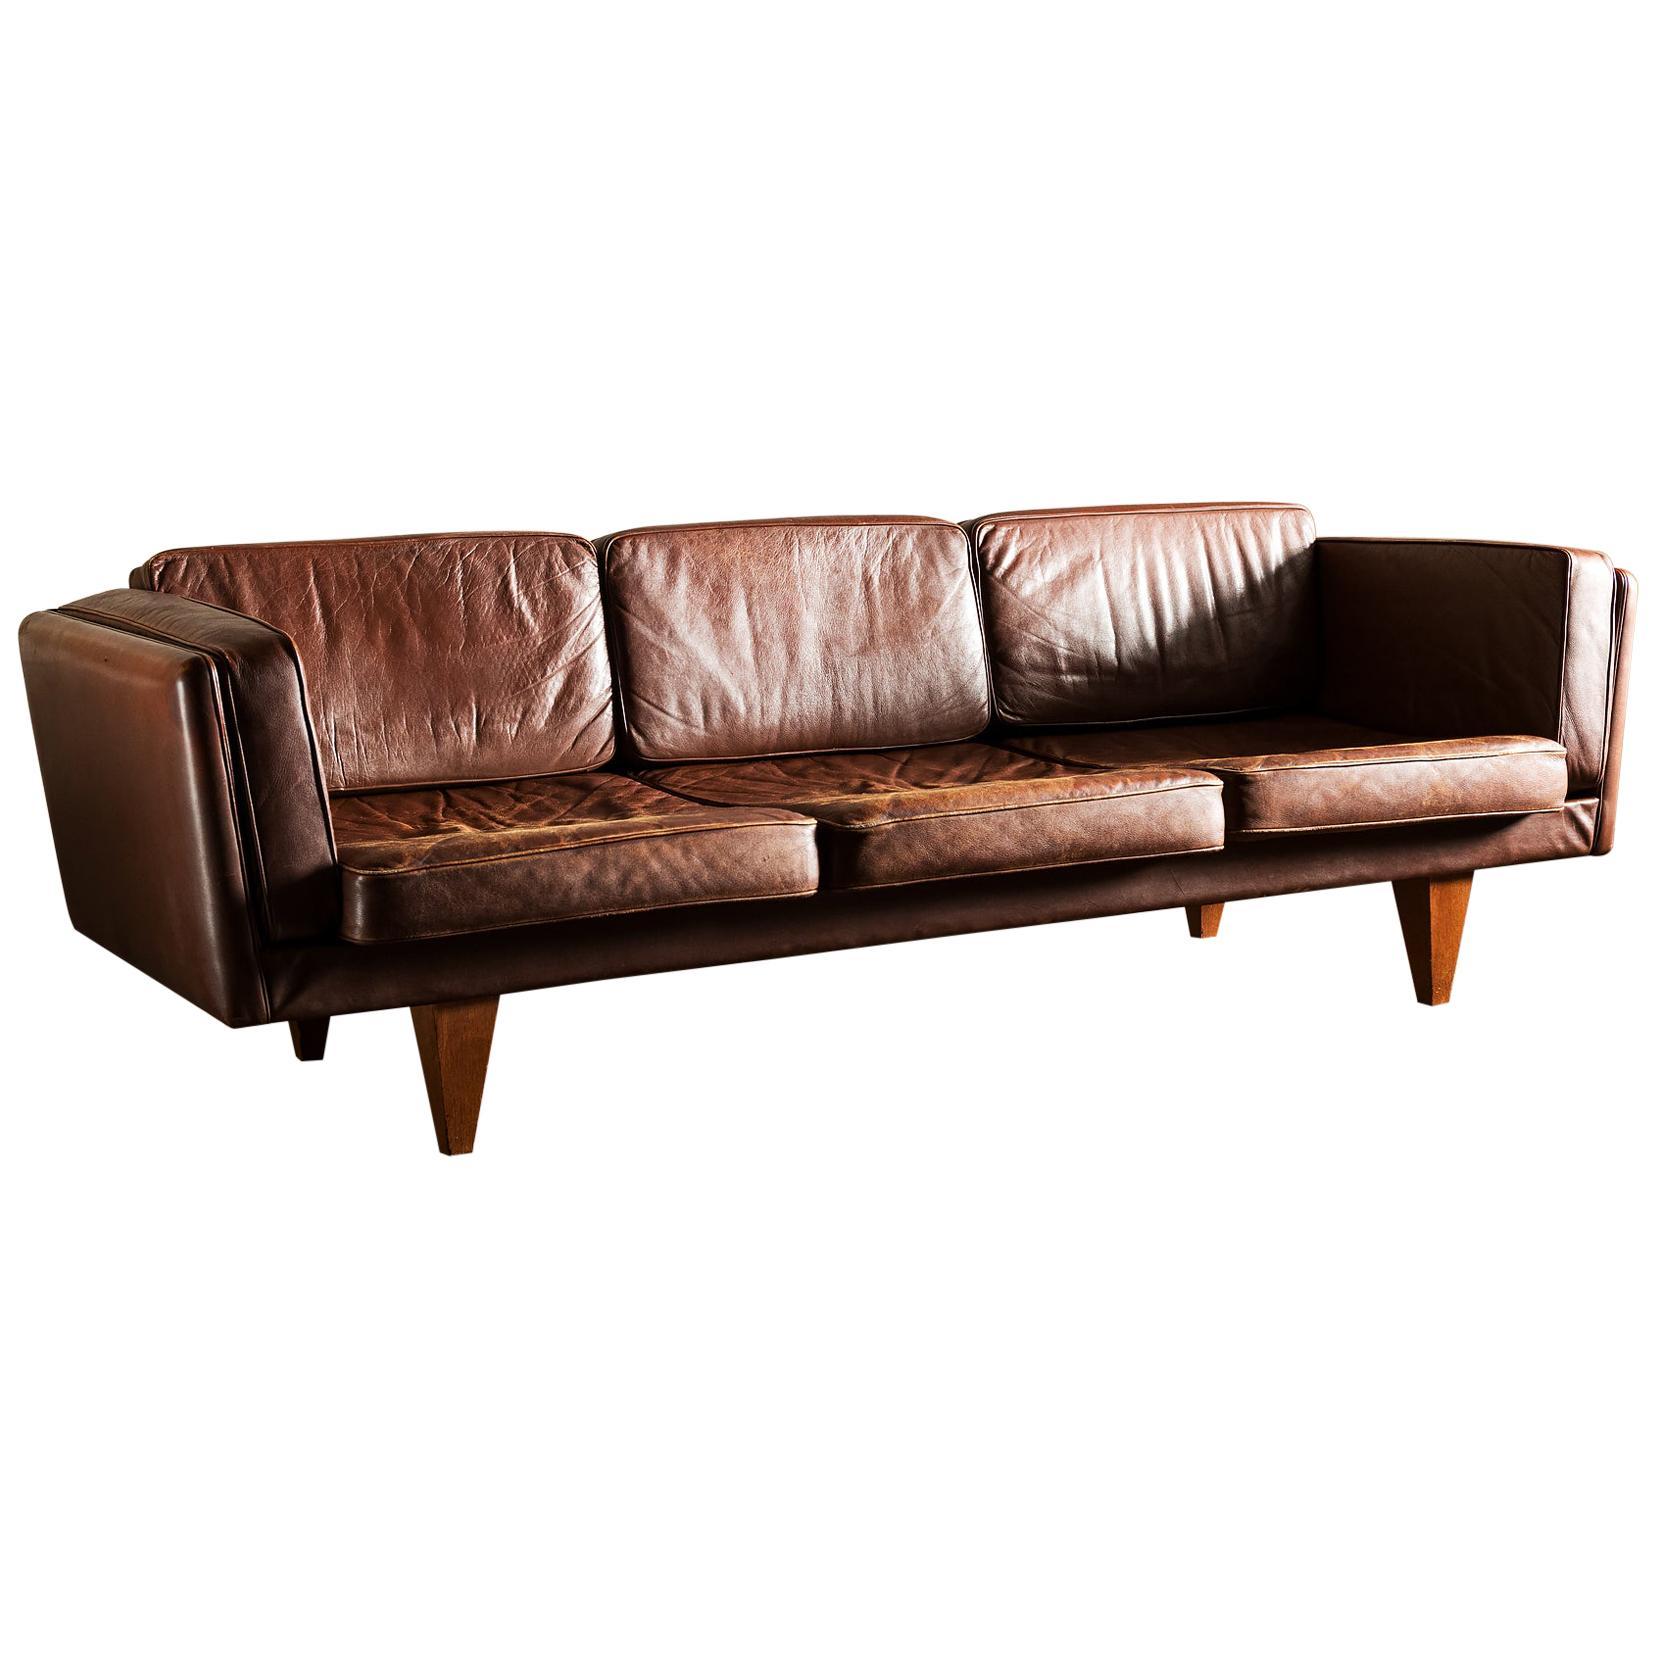 Illum Wikkelsø Sofa V11 in Brown Leather for Holger Christiansen, Denmark, 1960s